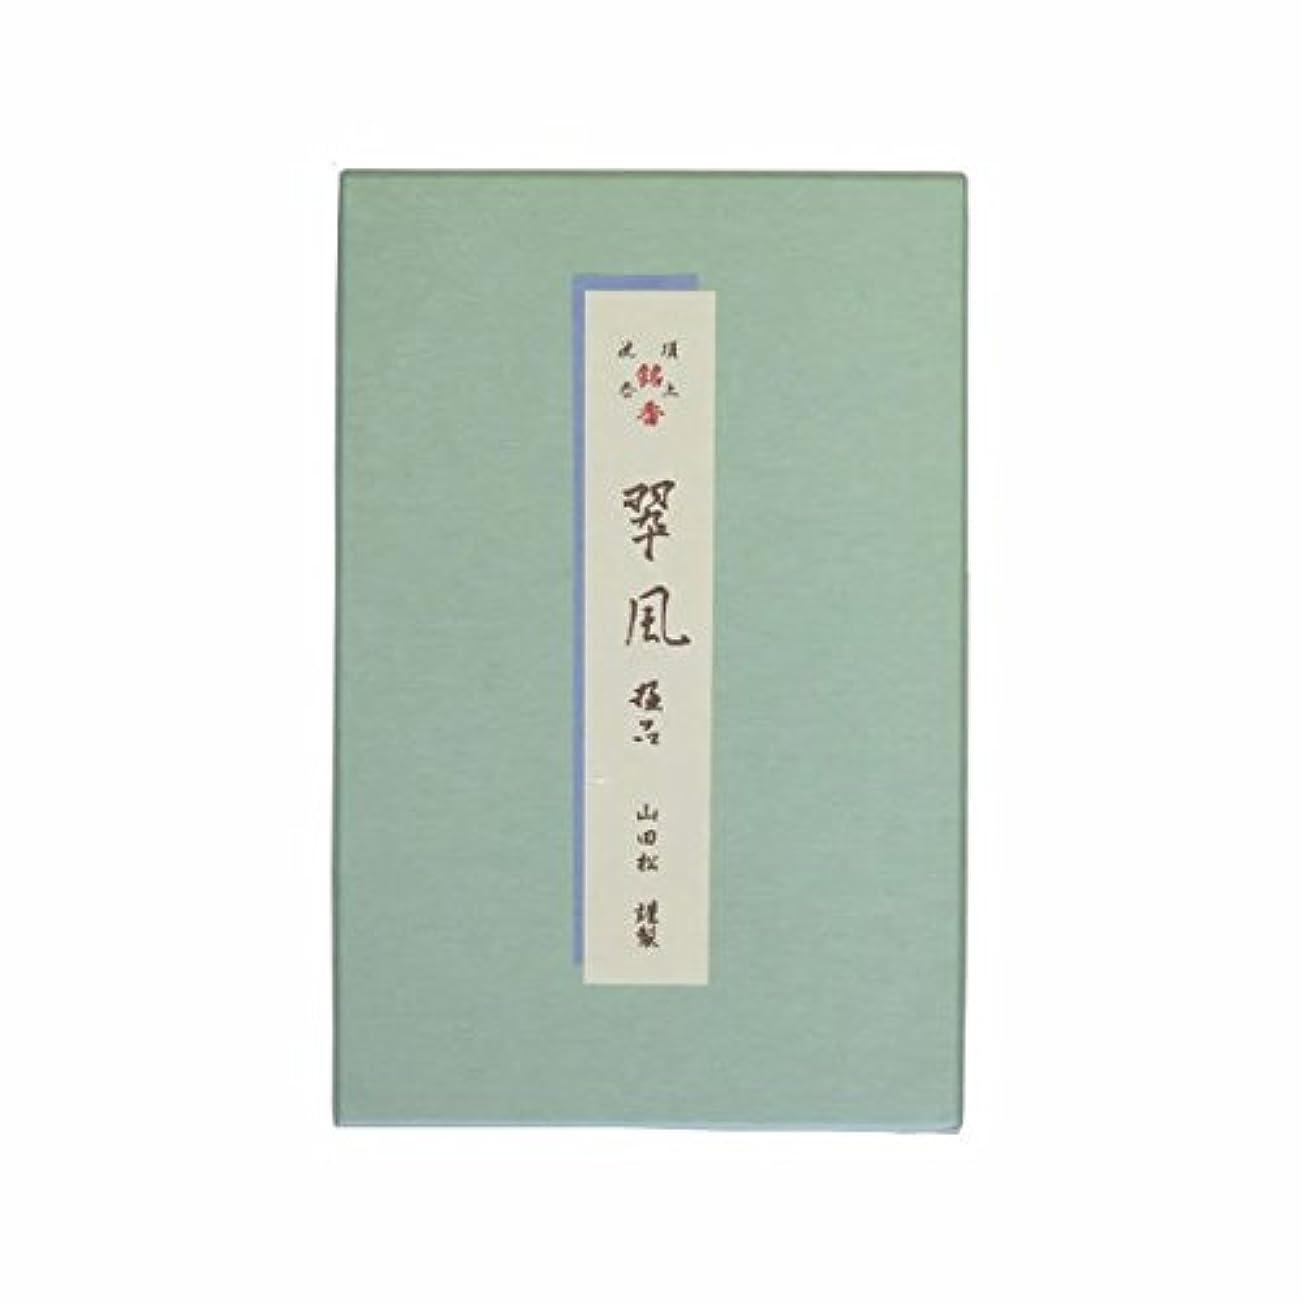 磁気腸蚊翠風(極品) 短寸 バラ詰